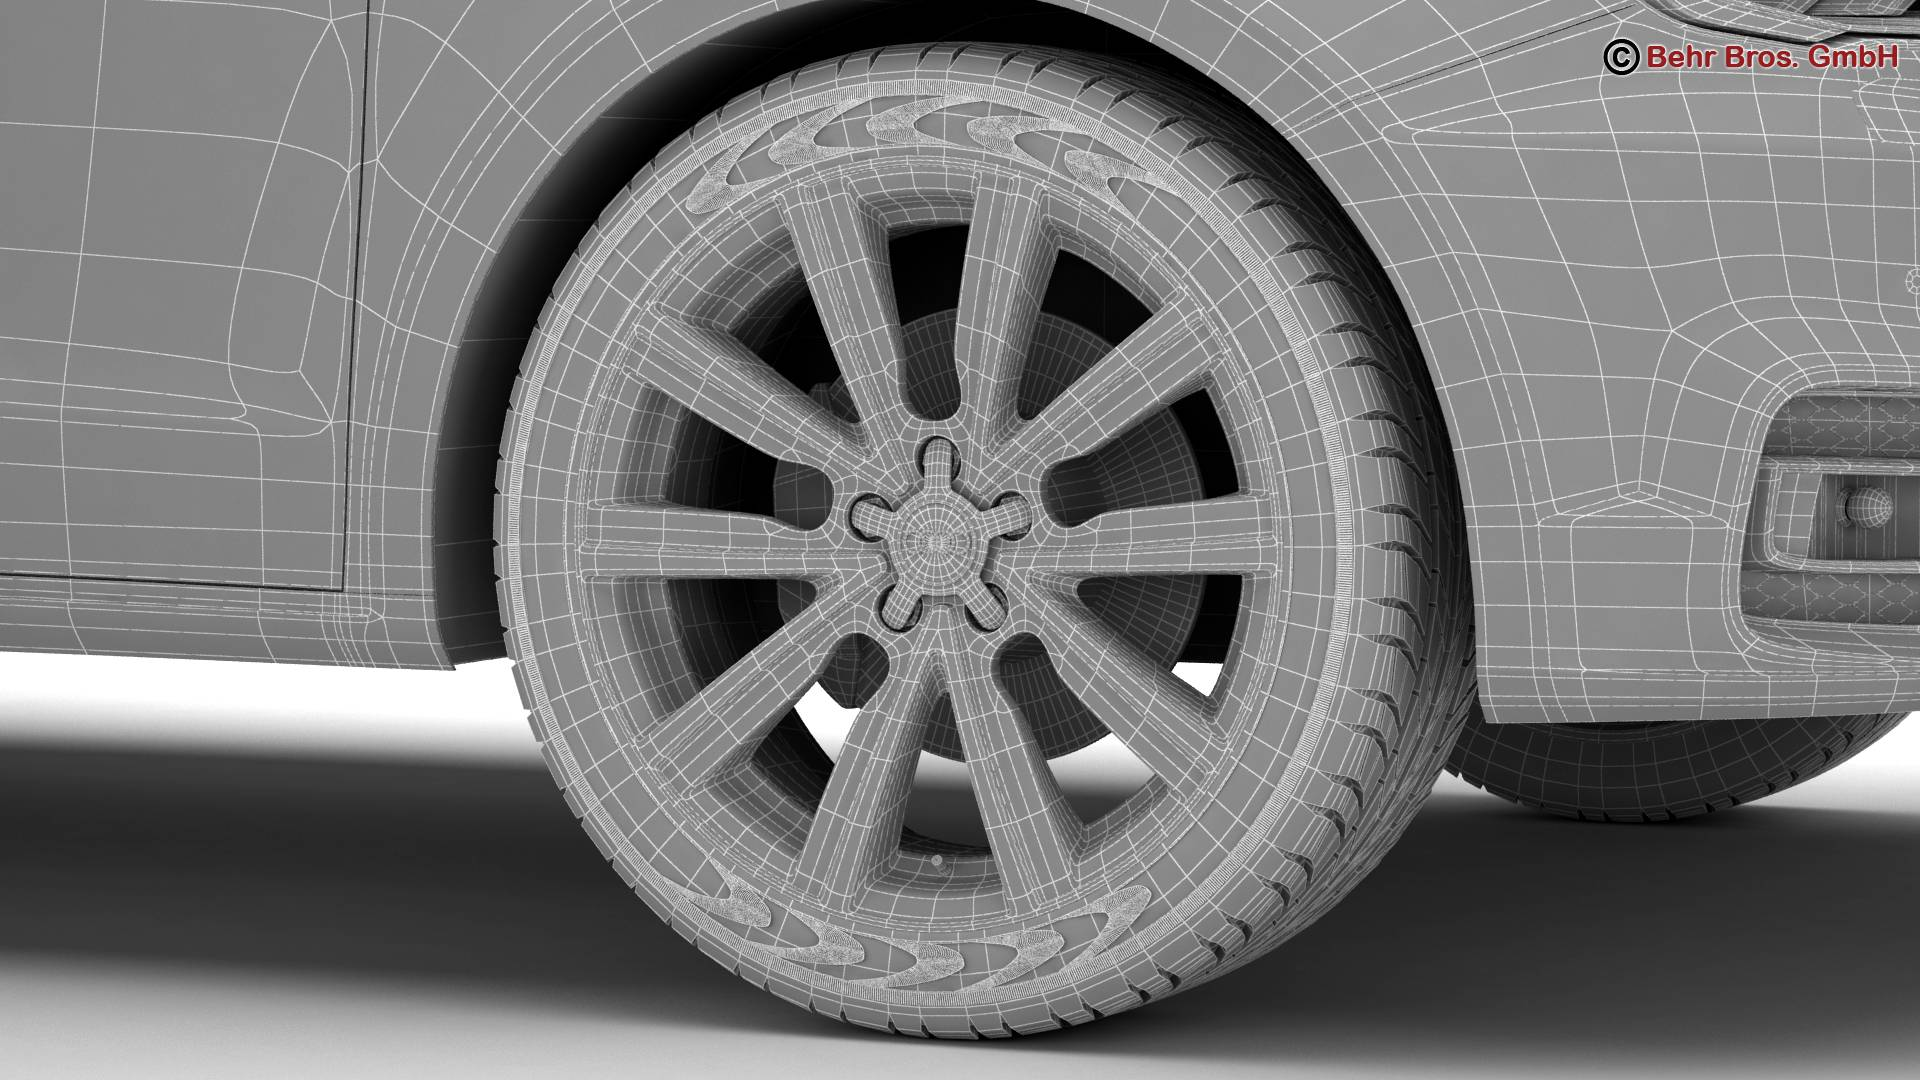 Audi a1 2015 3d model 3ds max fbx c4d am fwy o wybodaeth 214717